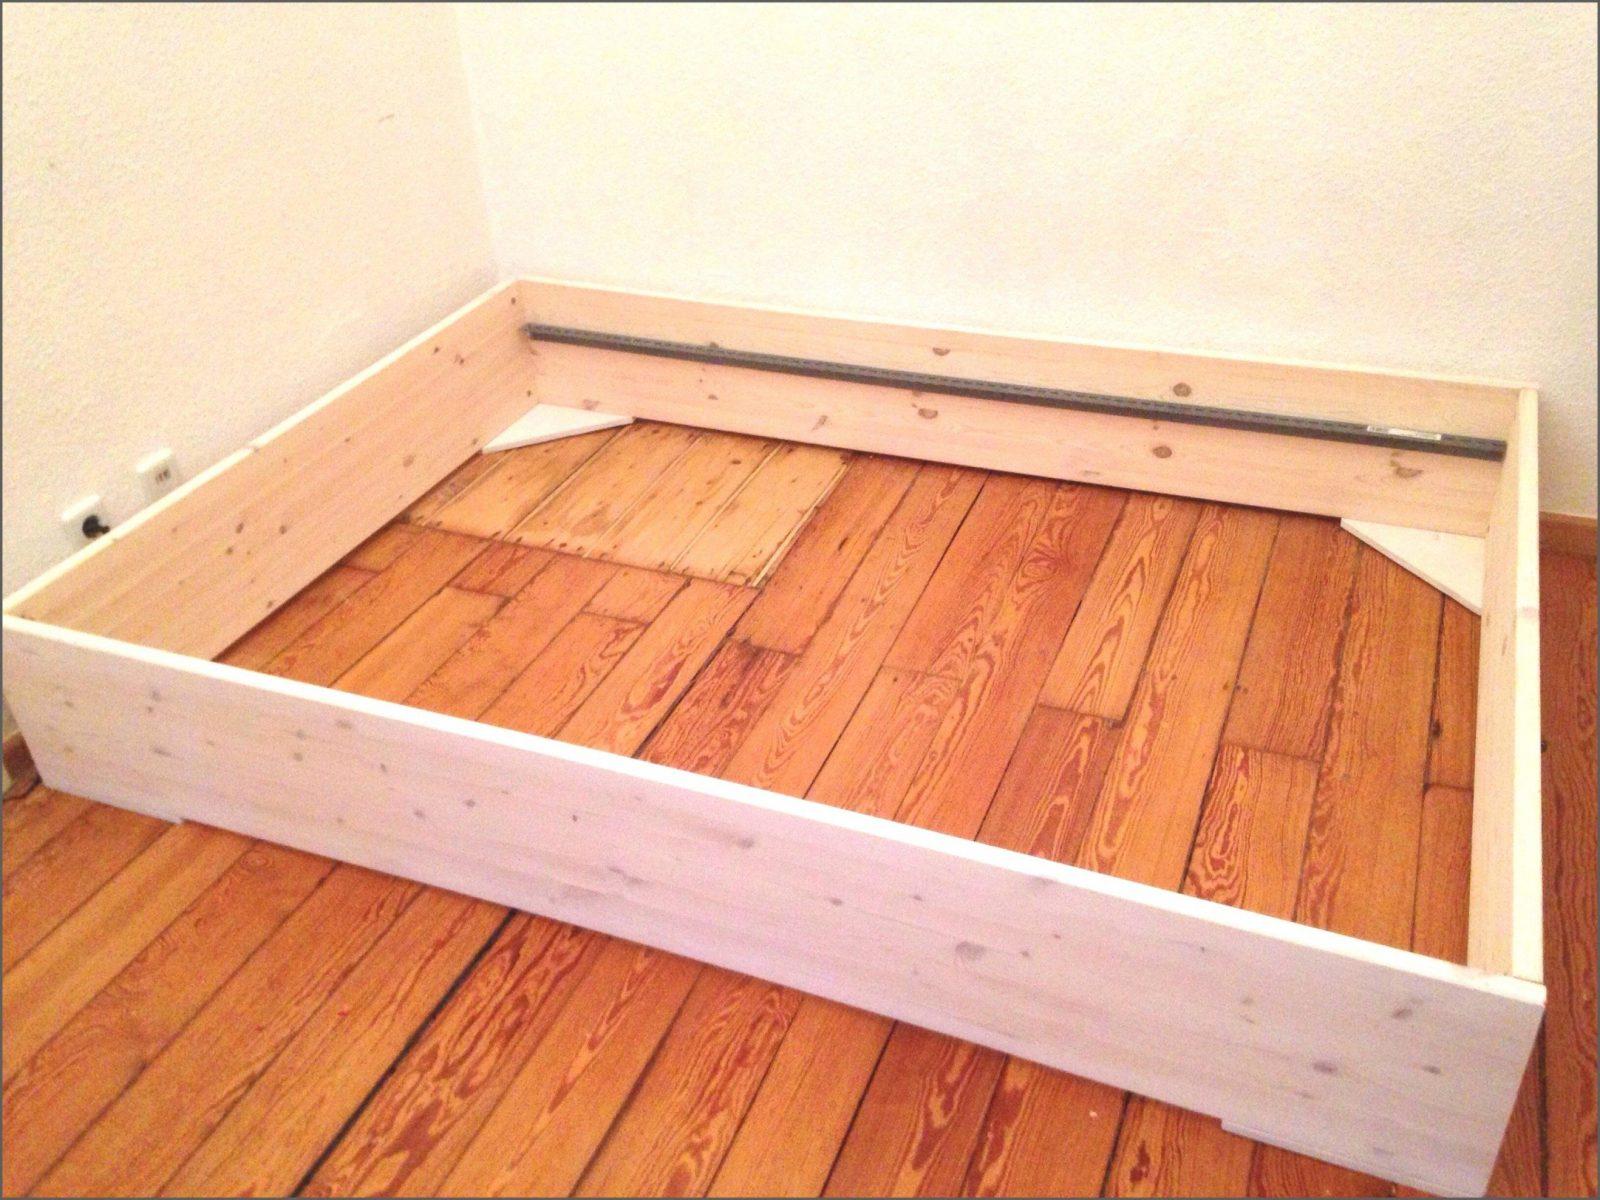 Bett Selber Bauen 140X200  Juegosfofy von Bett Selber Bauen Holz Bild